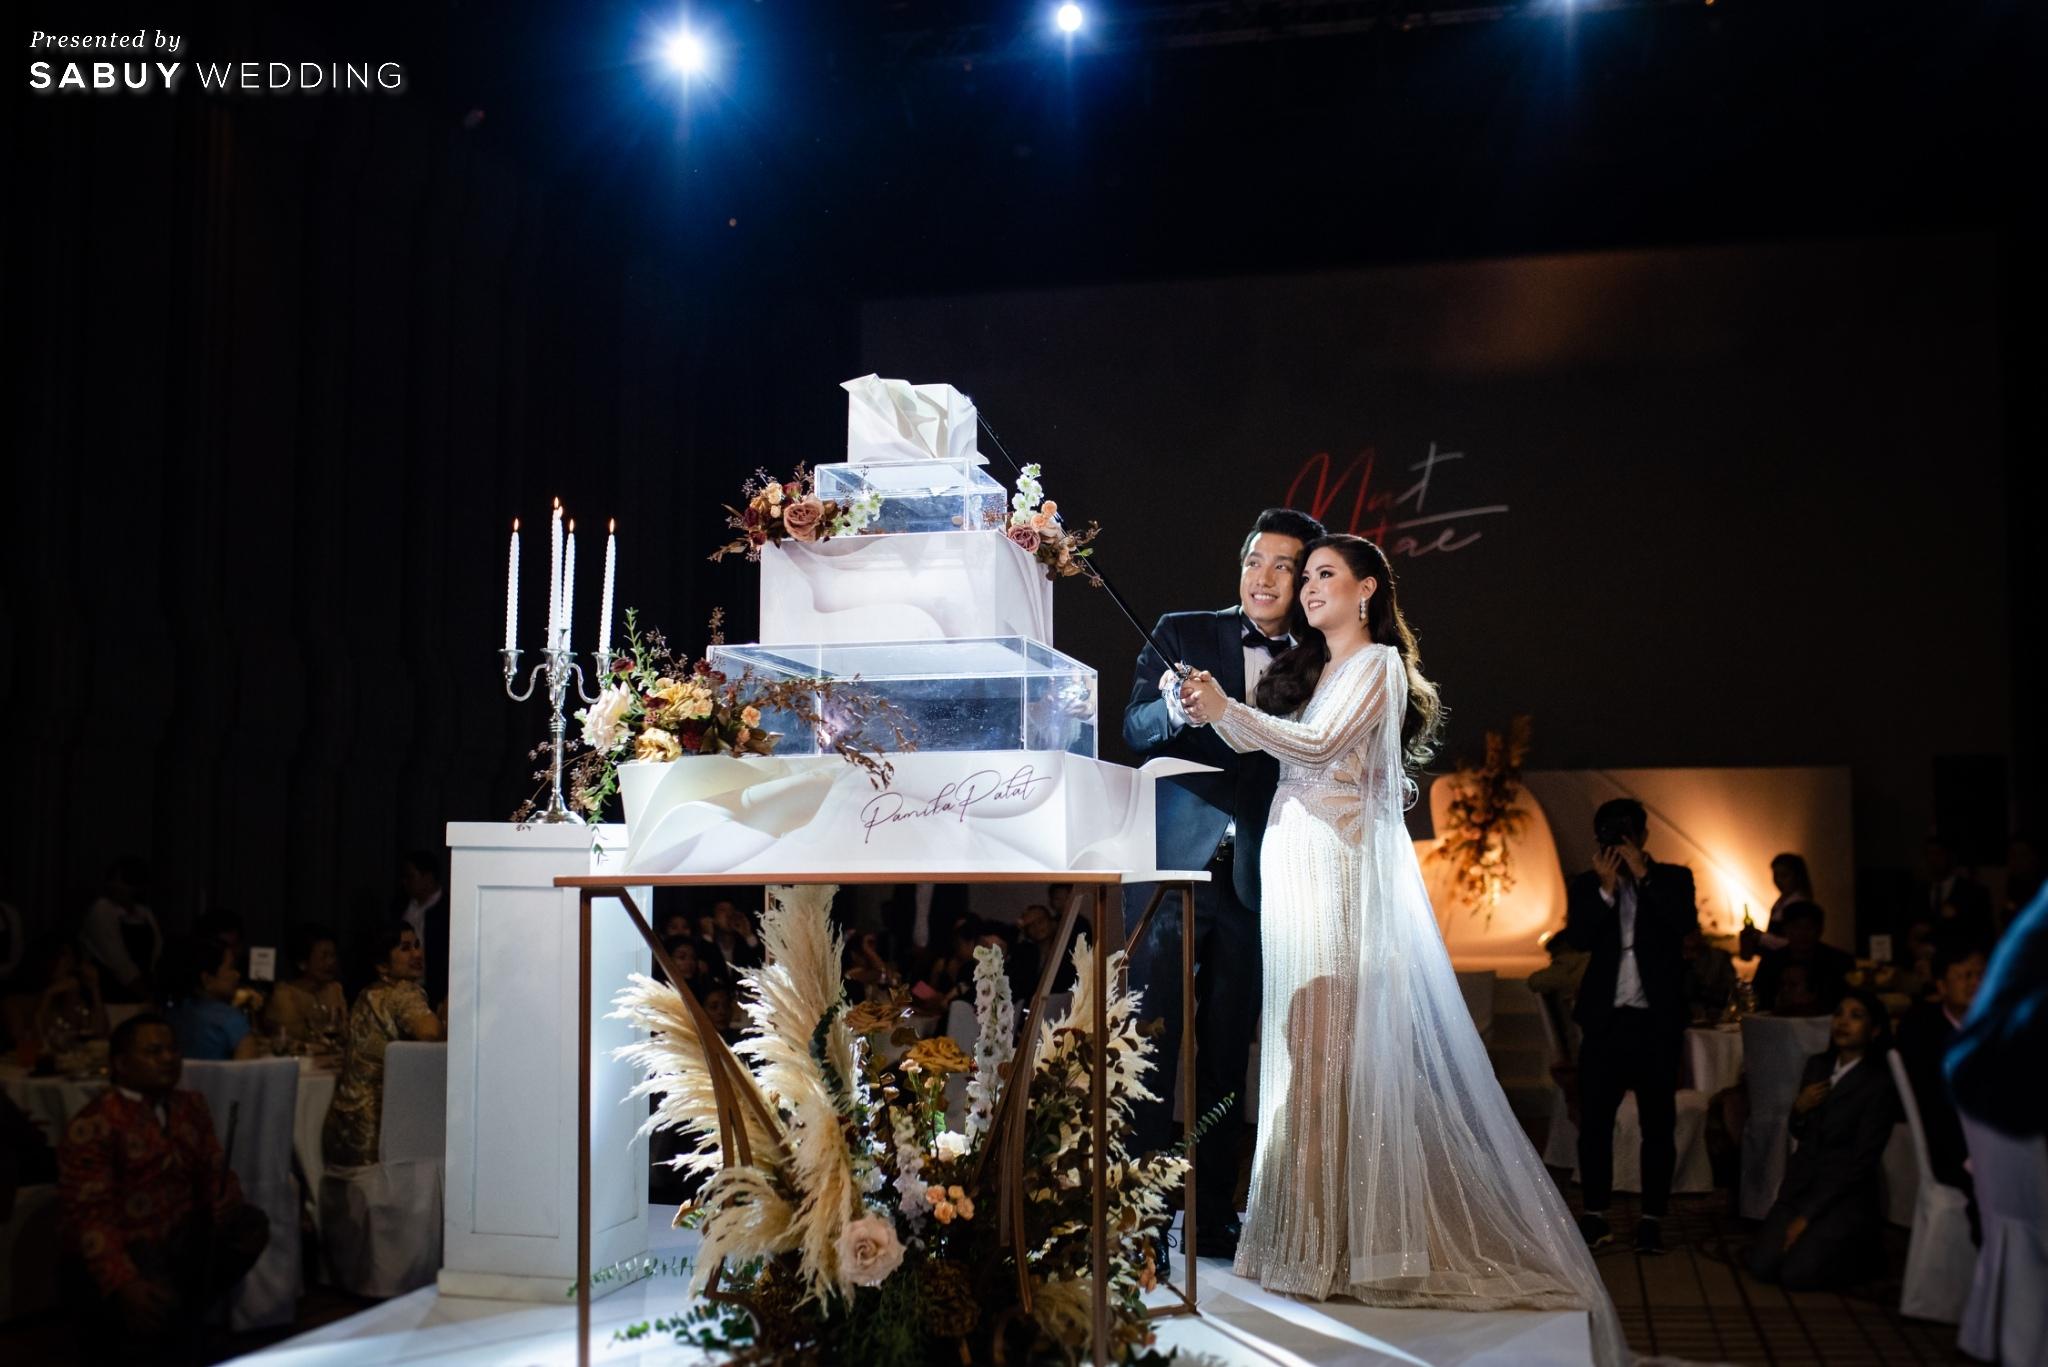 เจ้าบ่าว,เจ้าสาว,งานแต่งงาน,เค้กแต่งงาน รีวิวงานแต่งฟีล Luxury สวยดูดีด้วยโทนสีเบจ @ SO/ BANGKOK